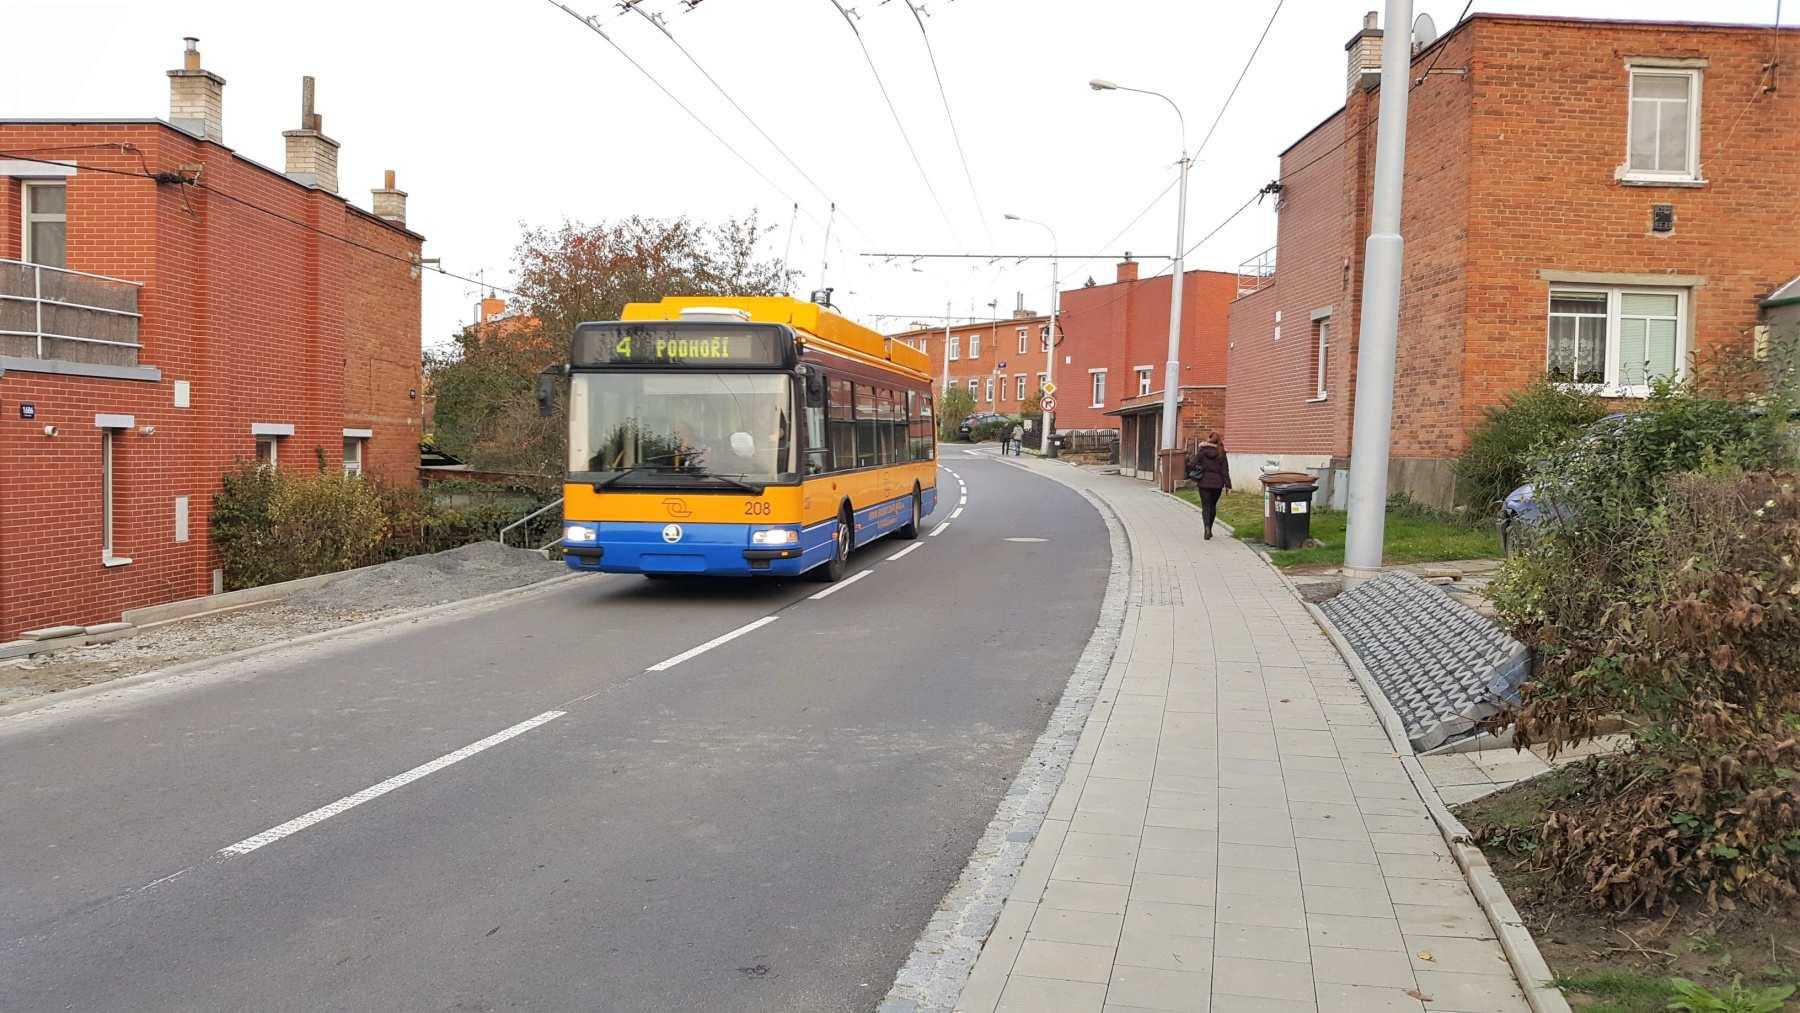 Rozsáhlá rekonstrukce páteřní ulice baťovskou čtvrtí Mostní je u konce